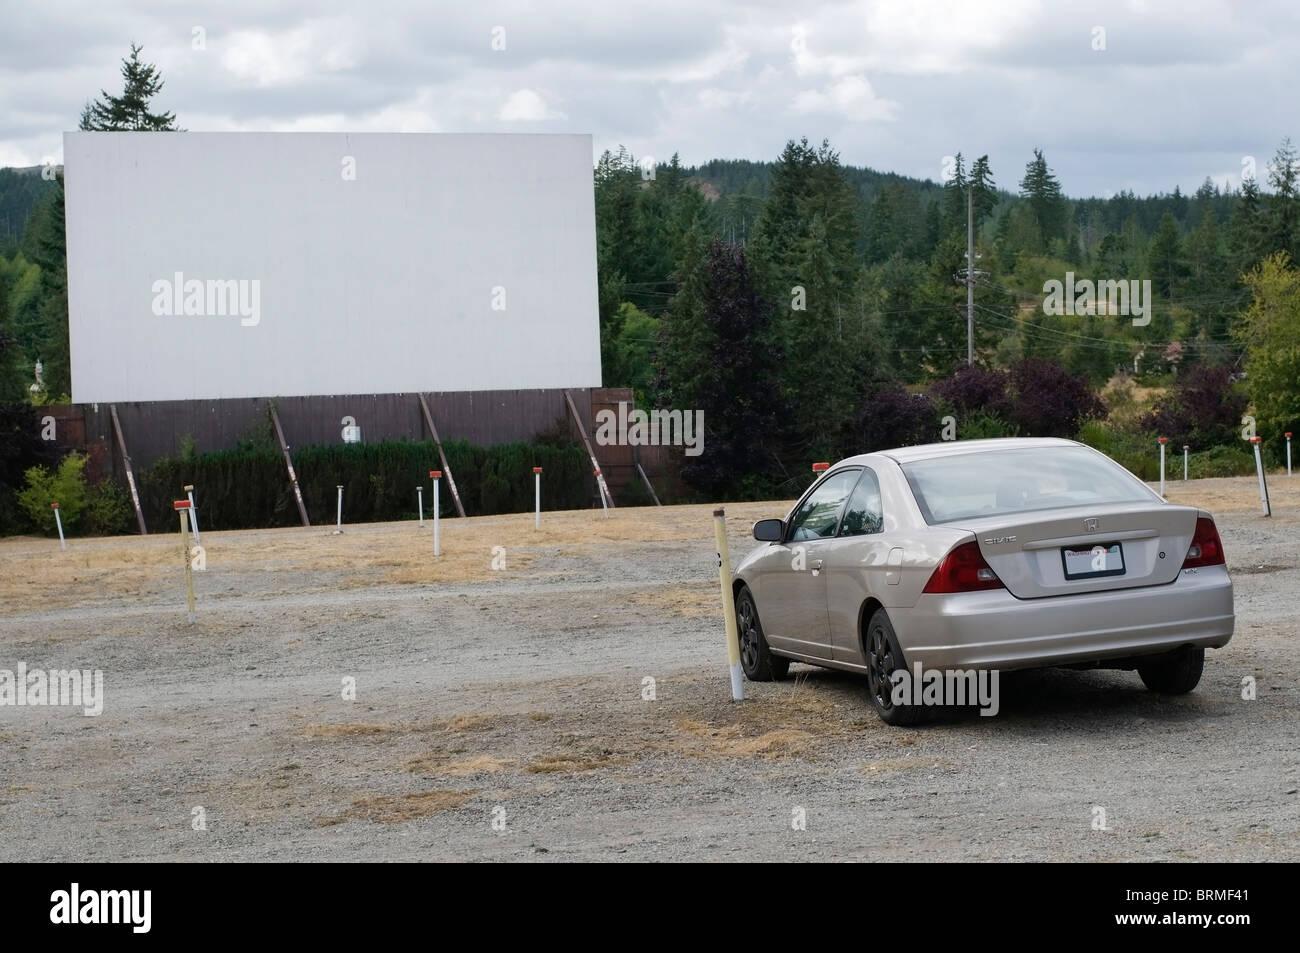 Ein Auto wartet auf den Film zu Beginn eine altmodische Drive-in-Kino in Shelton, Washington. Stockbild